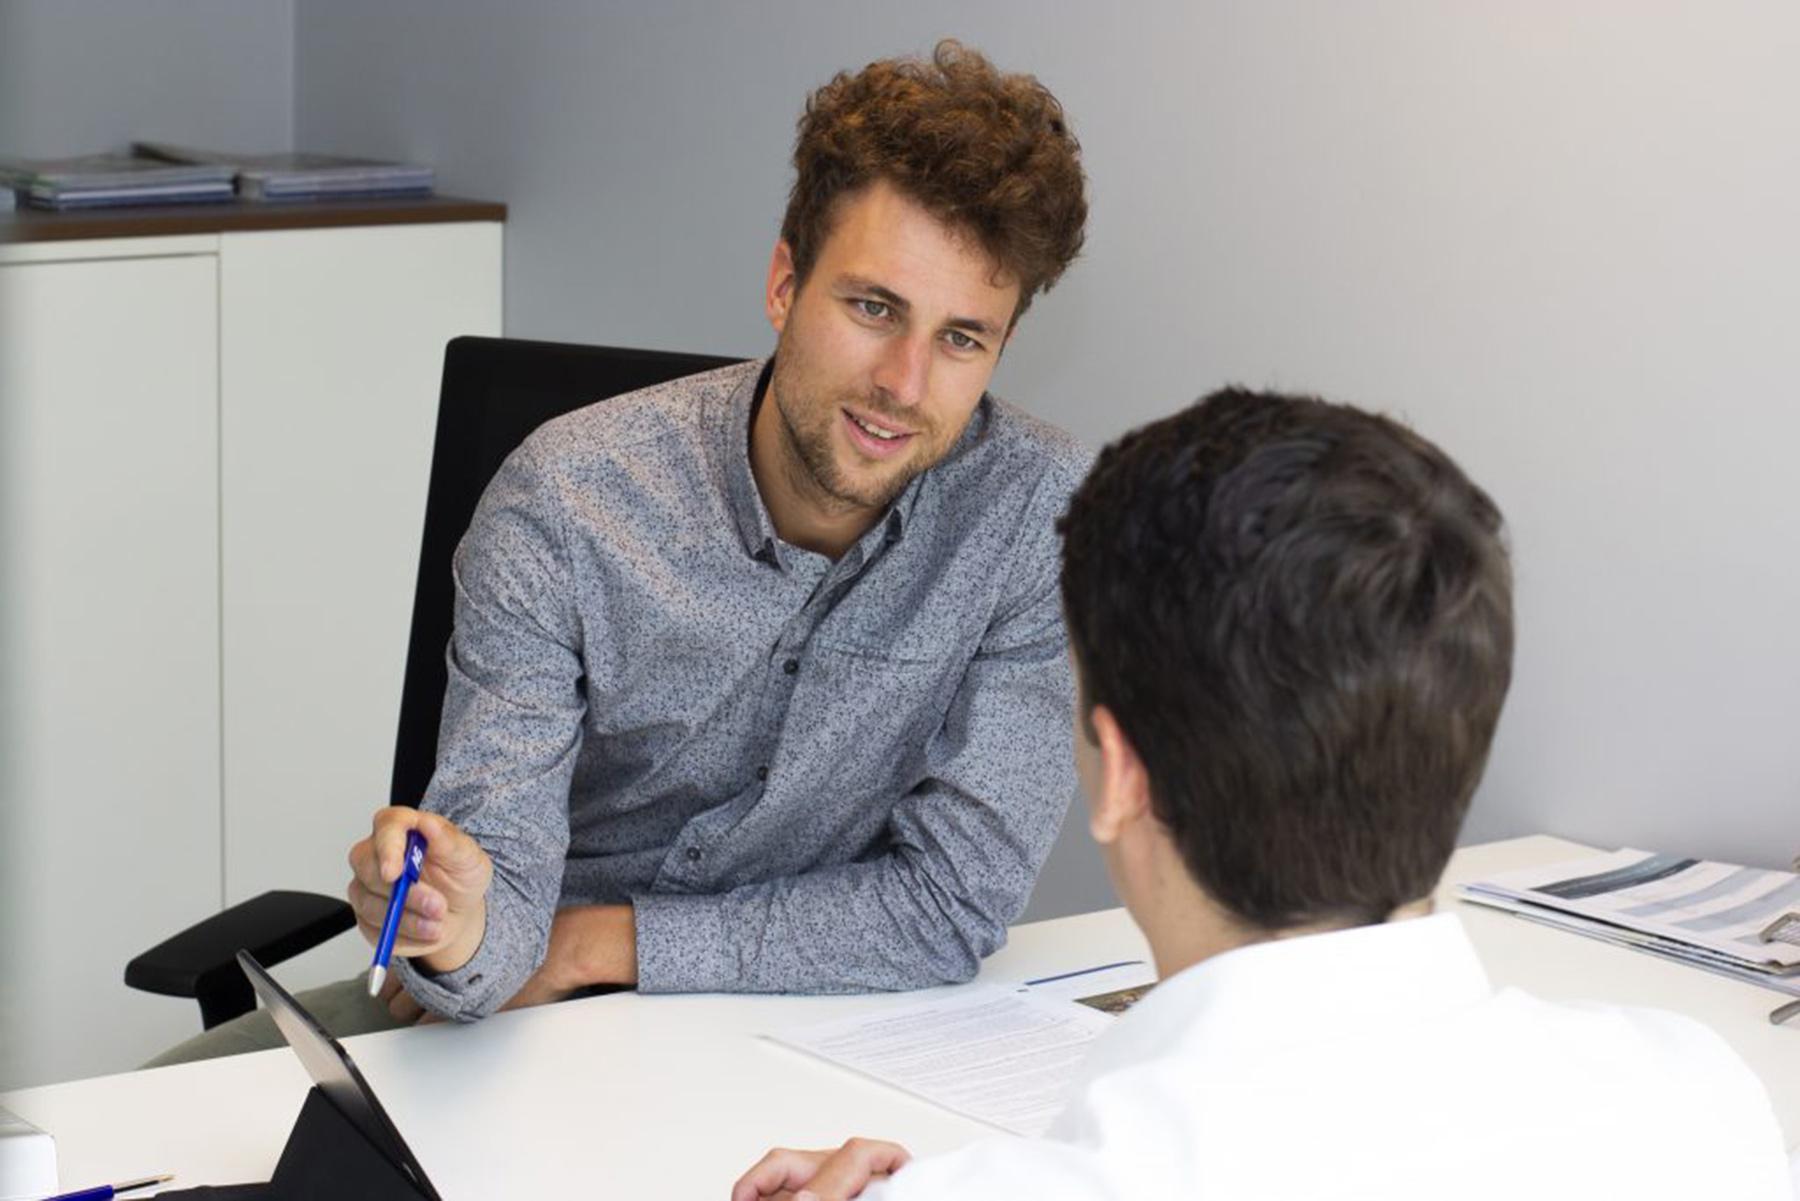 Hoe kunnen wij u bijstaan als makelaar richting beroepsaansprakelijkheid?